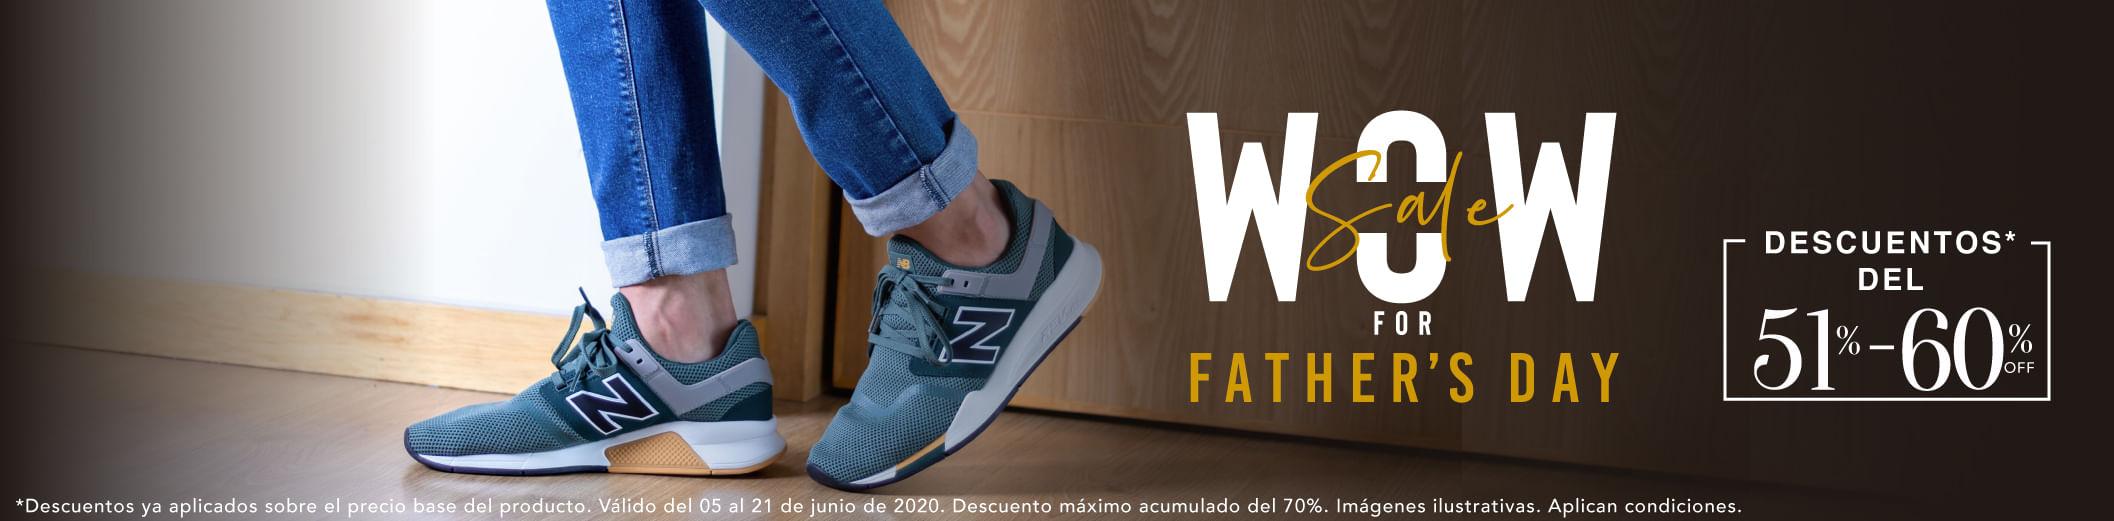 Zapatos Para Hombre Entre 51% y 60% Off